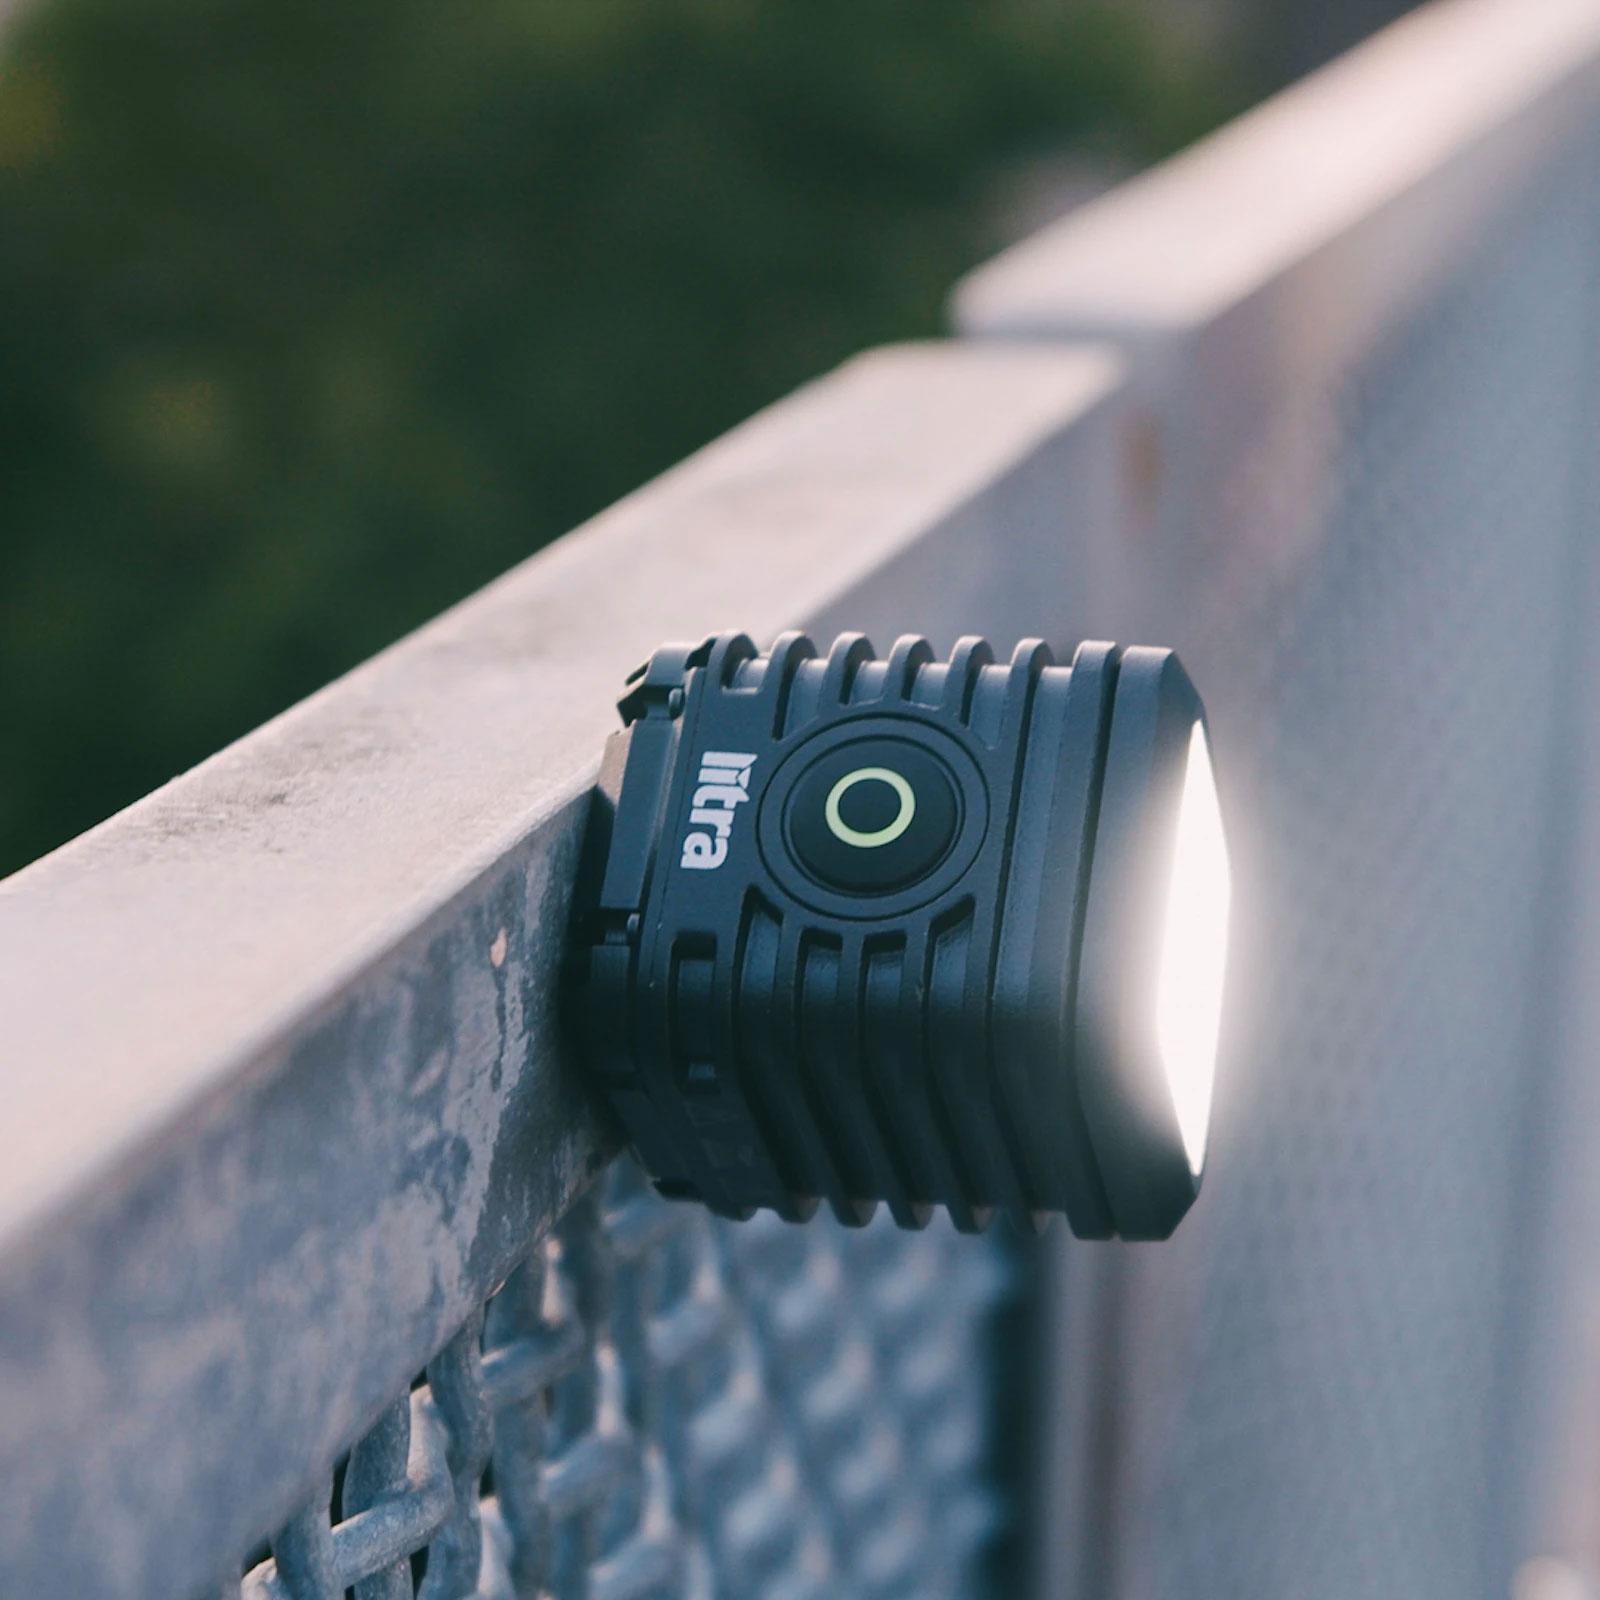 projecteur litratorch2 litra torch lampe projecteur